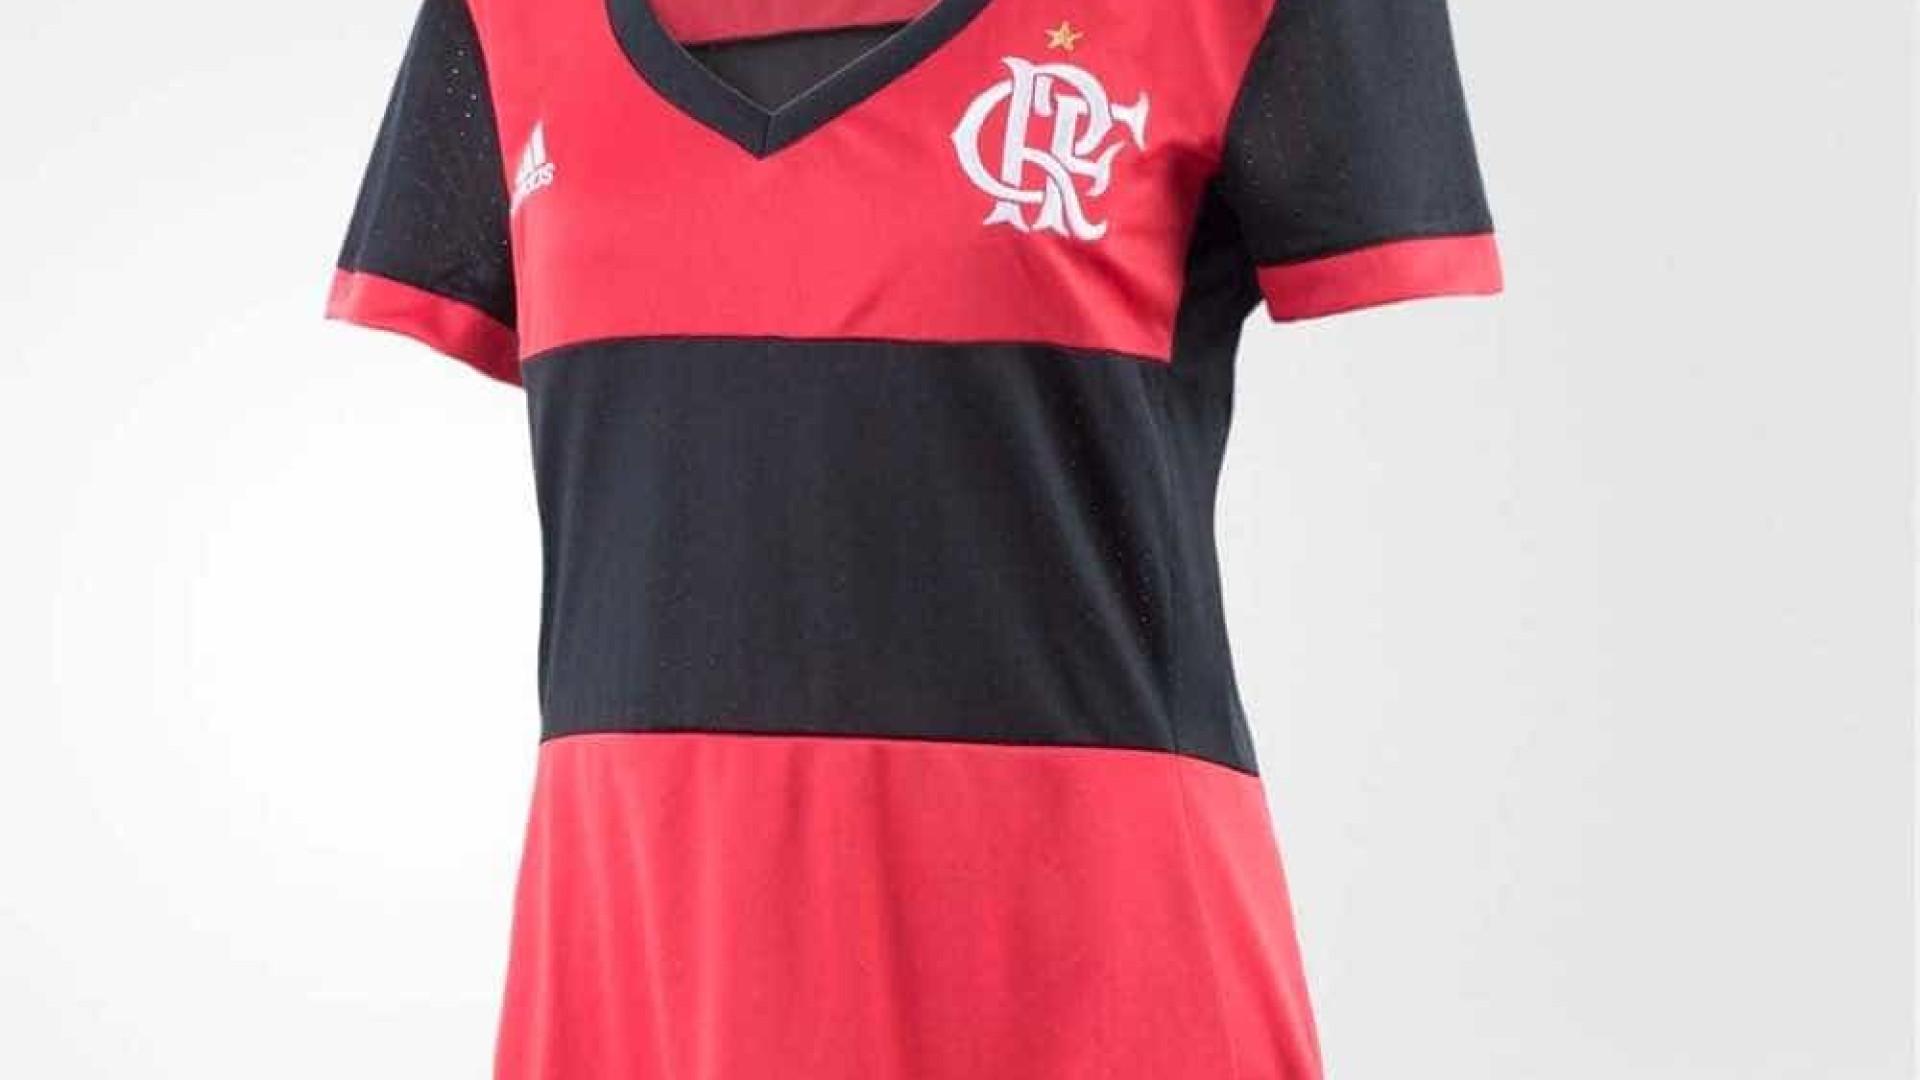 a300b2bf74 Flamengo lança camisa feminina, mas decote gera nova 'polêmica'